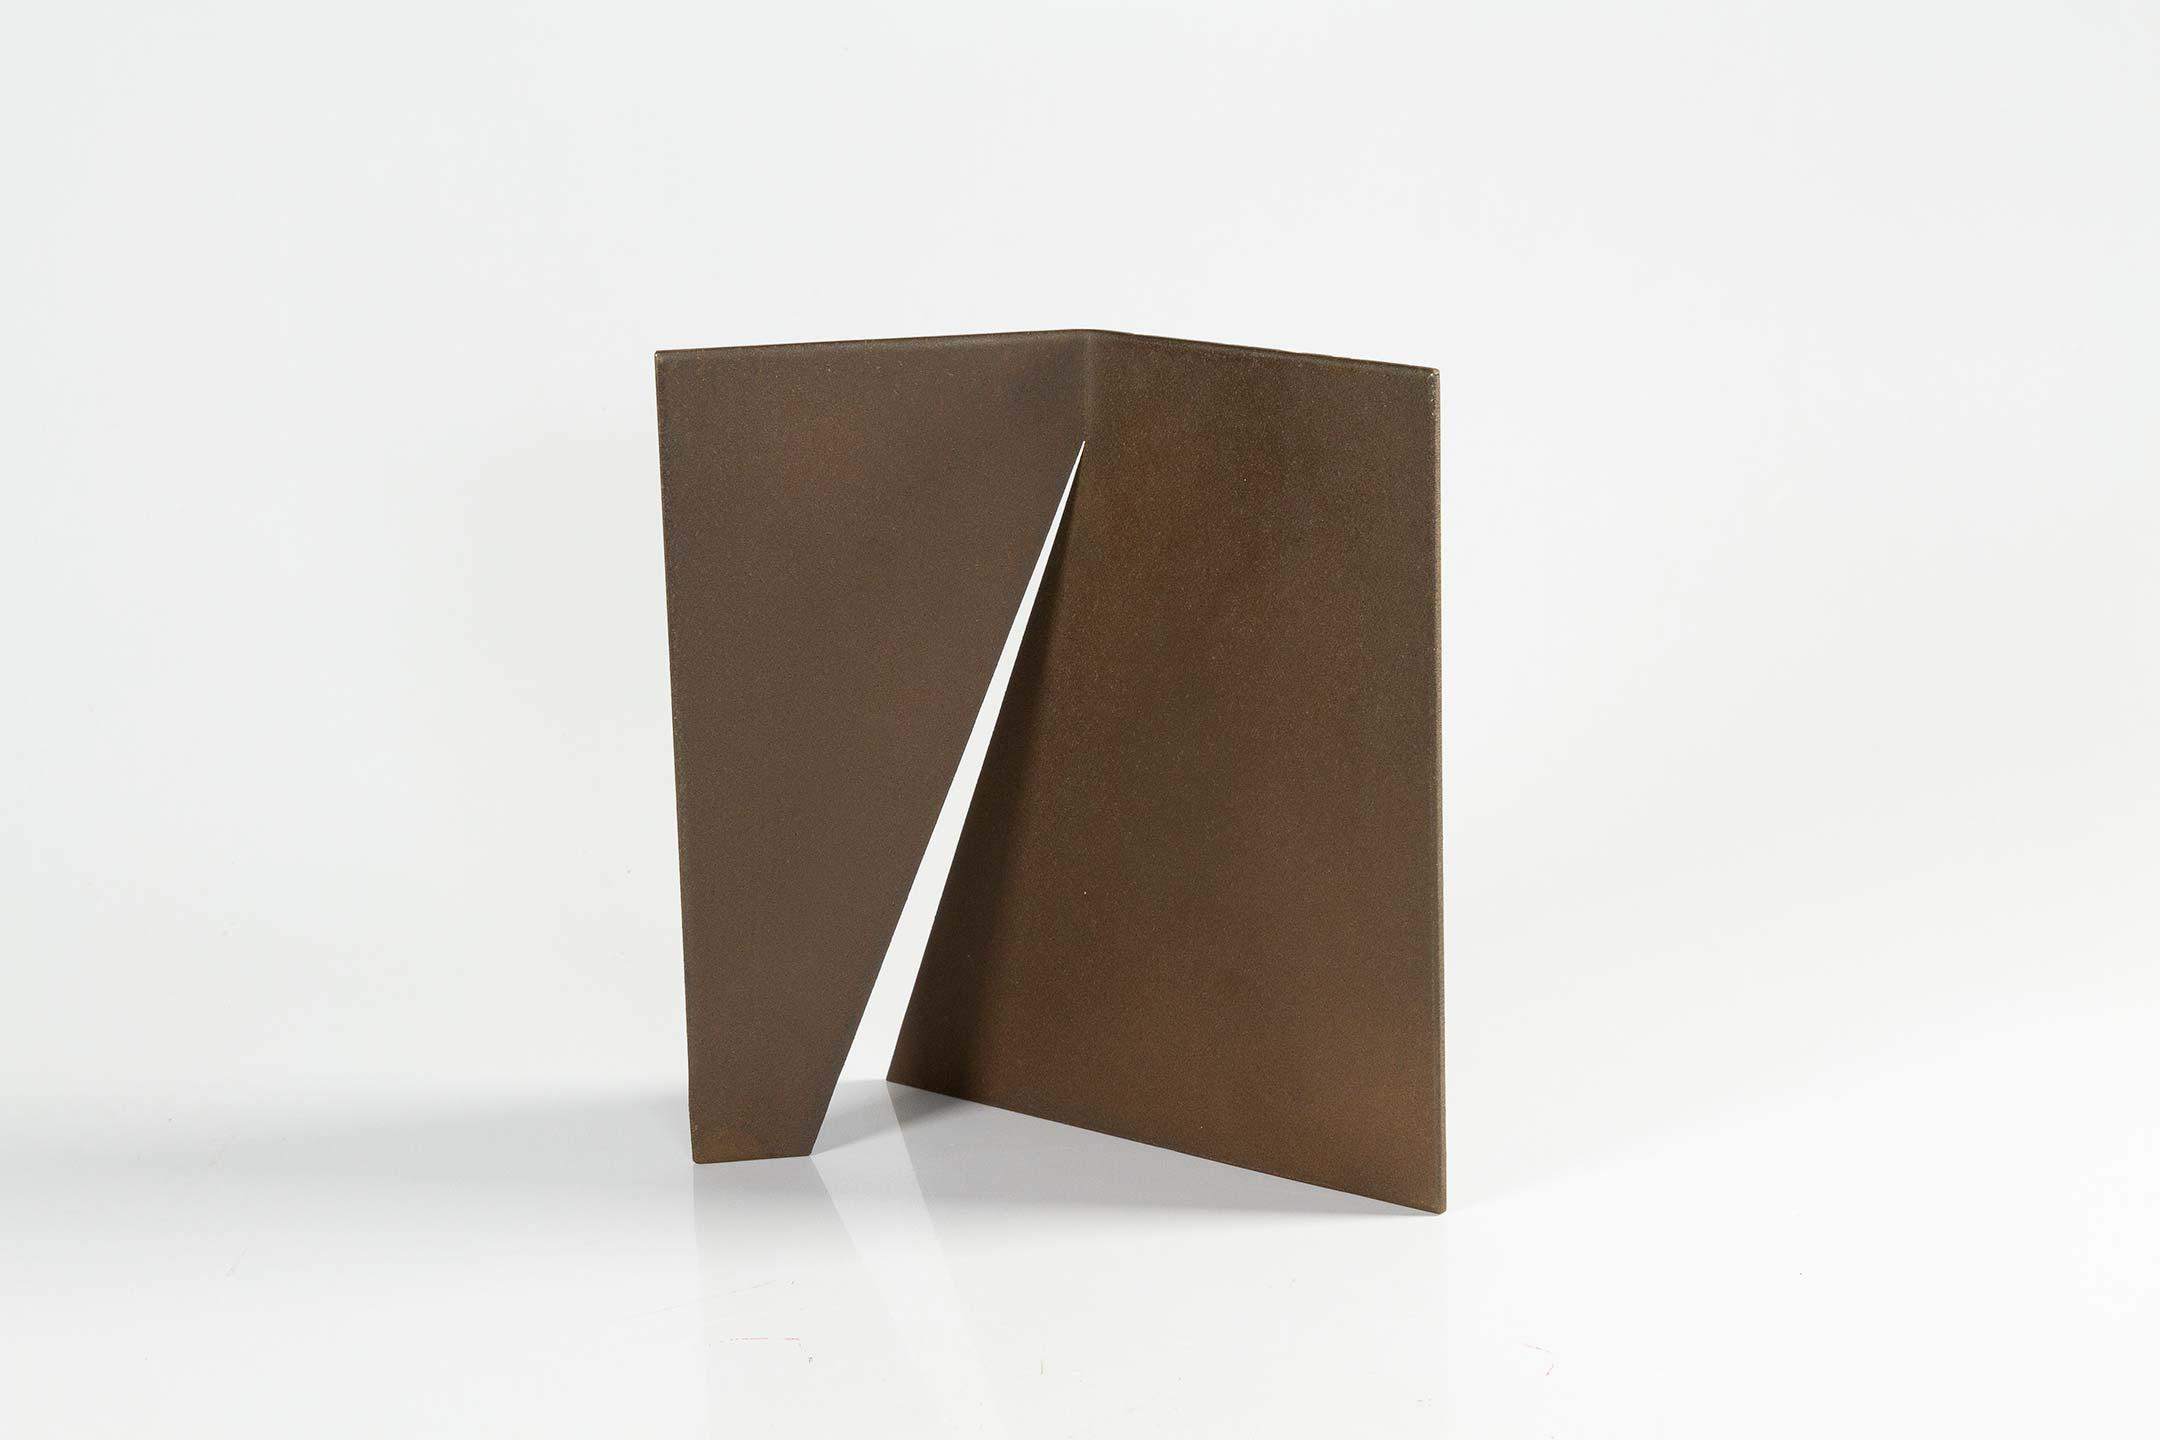 Amilcar de Castro, S/Título, aço, 21 x 21 x 0,3 cm, 1990